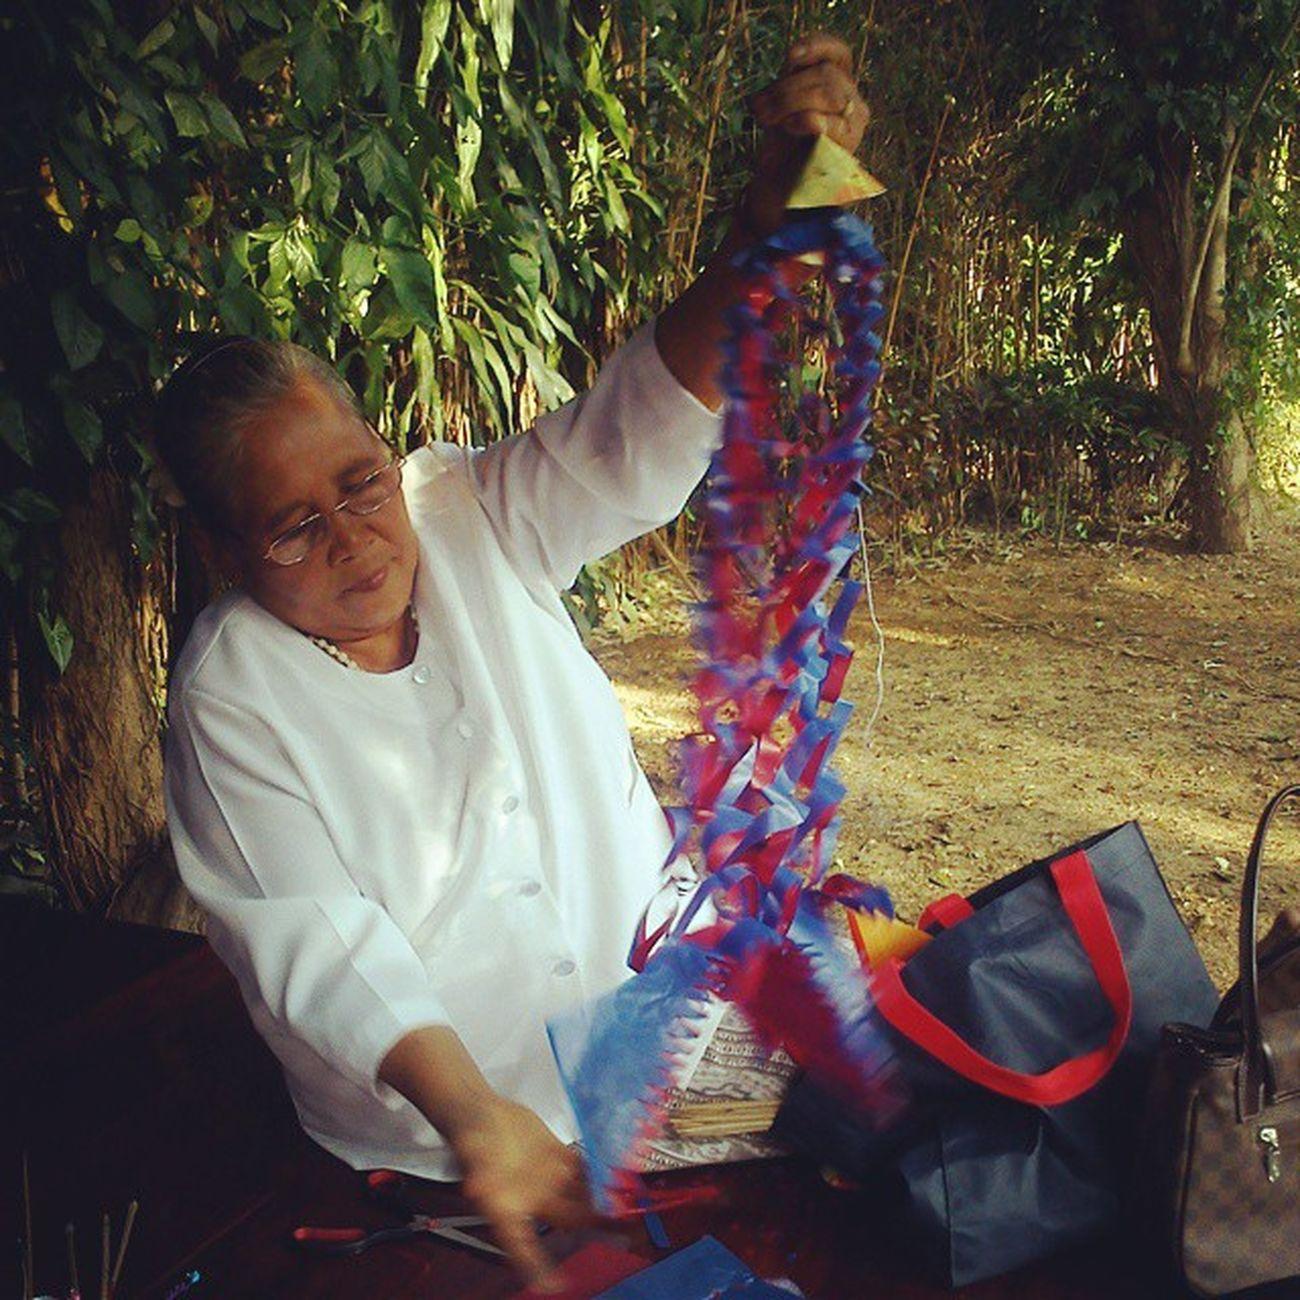 มีคุณยายมาสอนทำตุงเจ้า น่าฮักขนาด ปล.ได้ศัพท์คำเมืองมาเต็มเลยจ้า ตุง ลำปาง Craft Handmade thailand culture